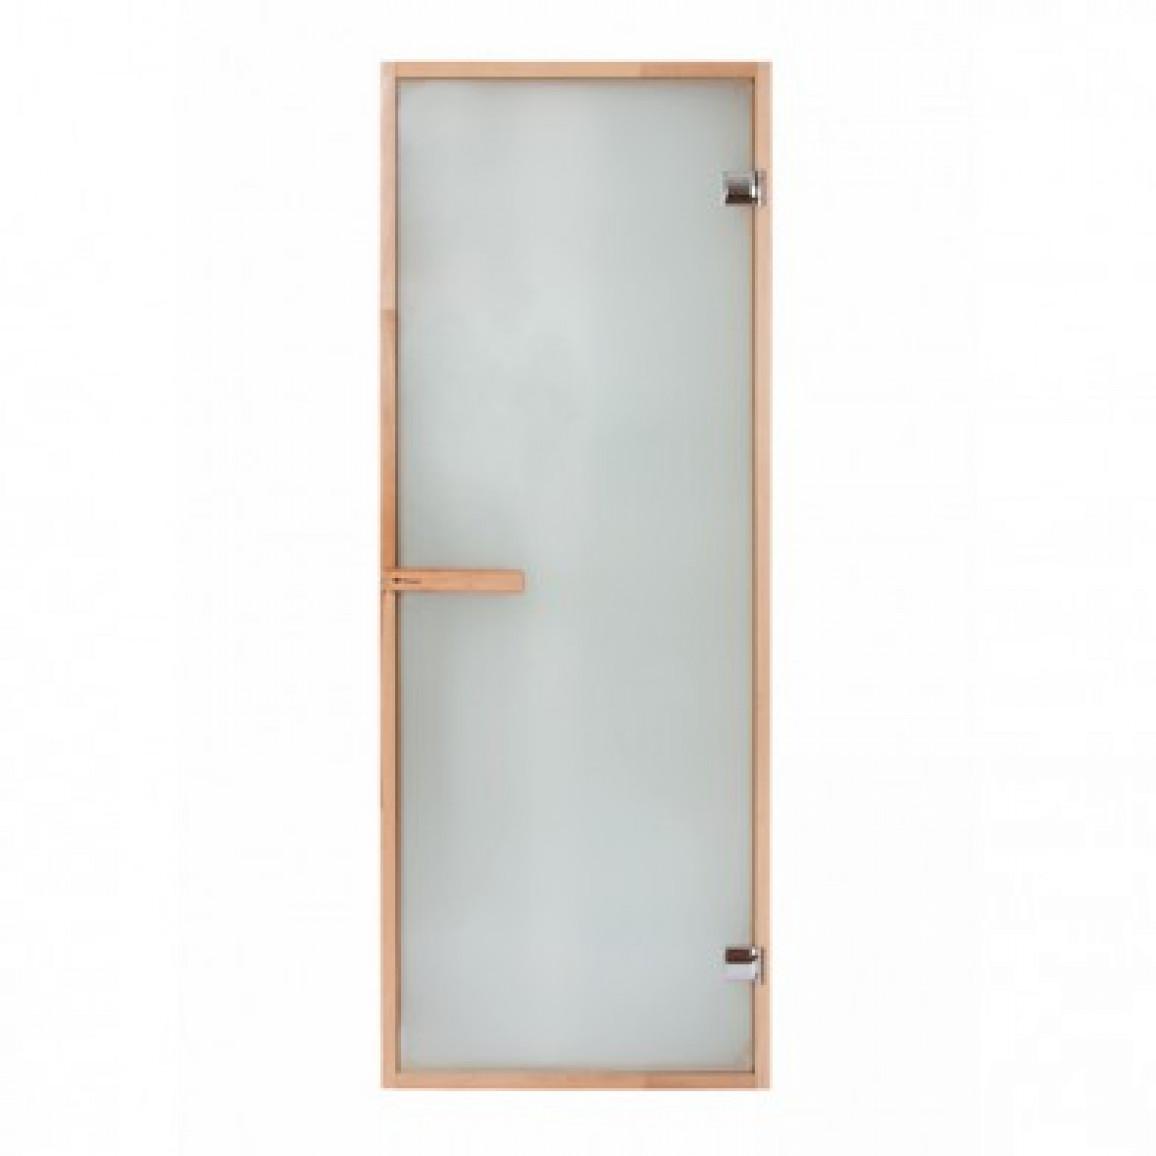 Дверь PREMIO, стекло сатин, коробка БУК